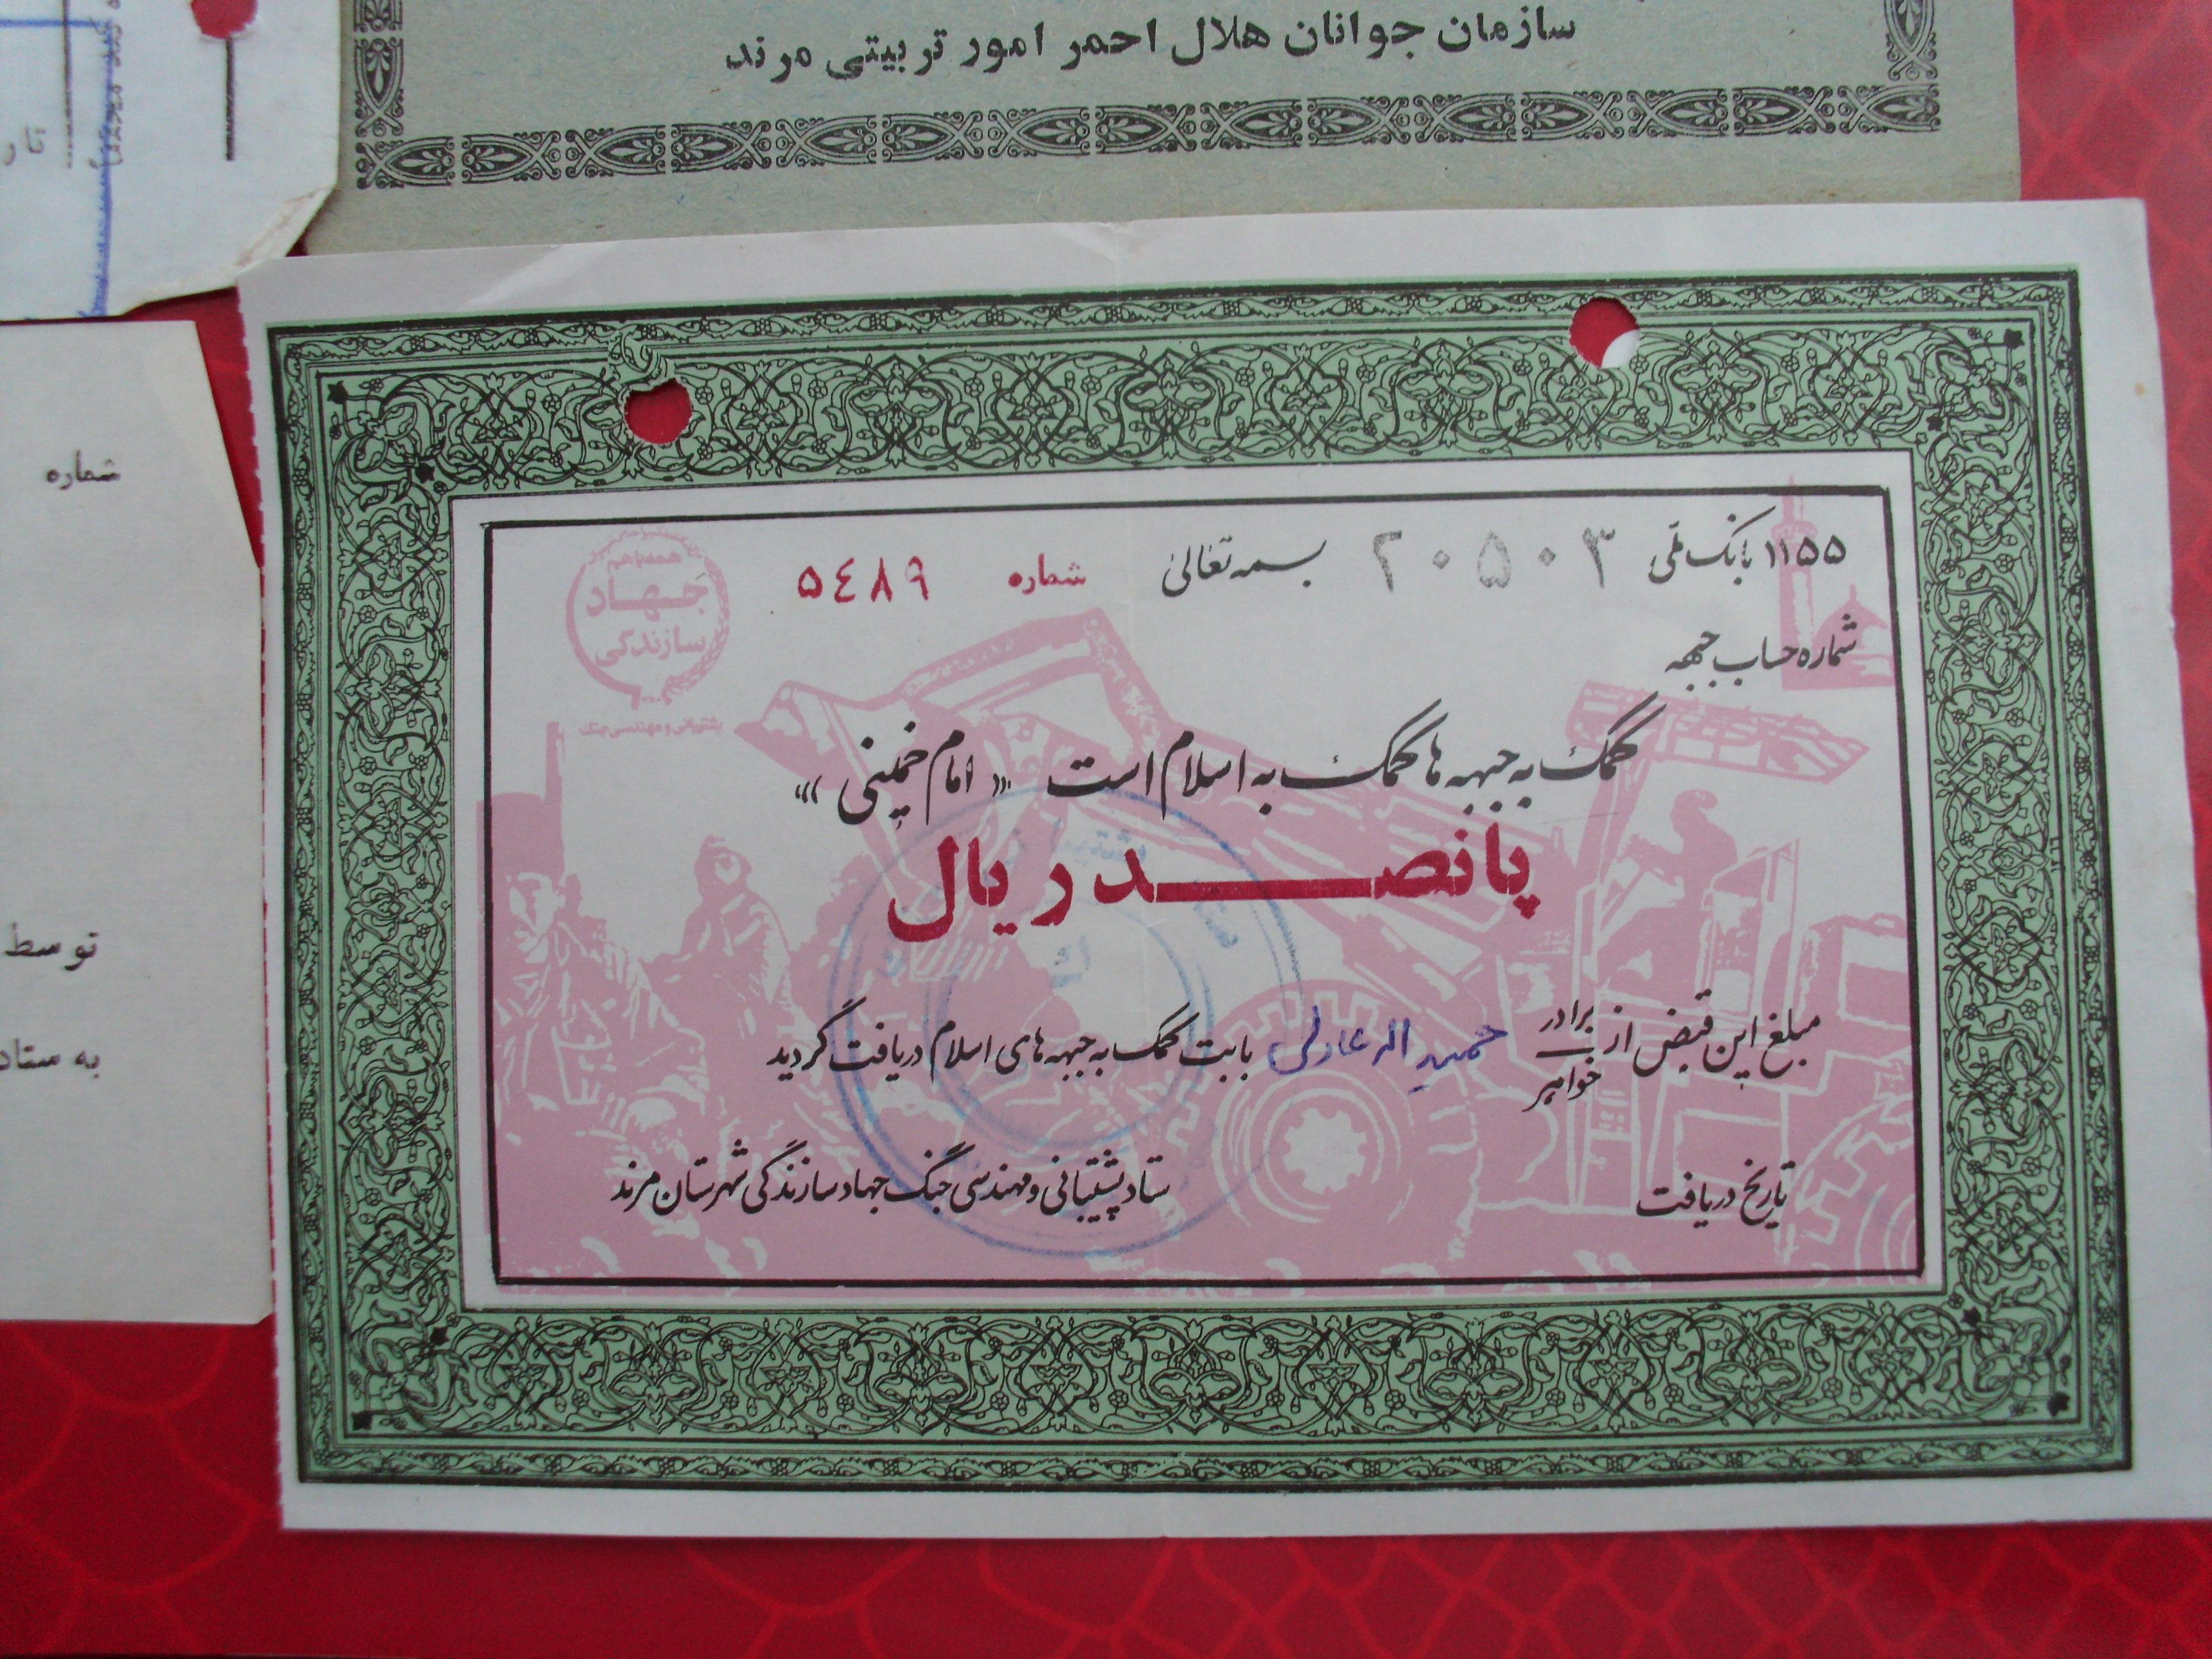 اسناد کمکهای مردمی روستای میاب به مناطق جنگی